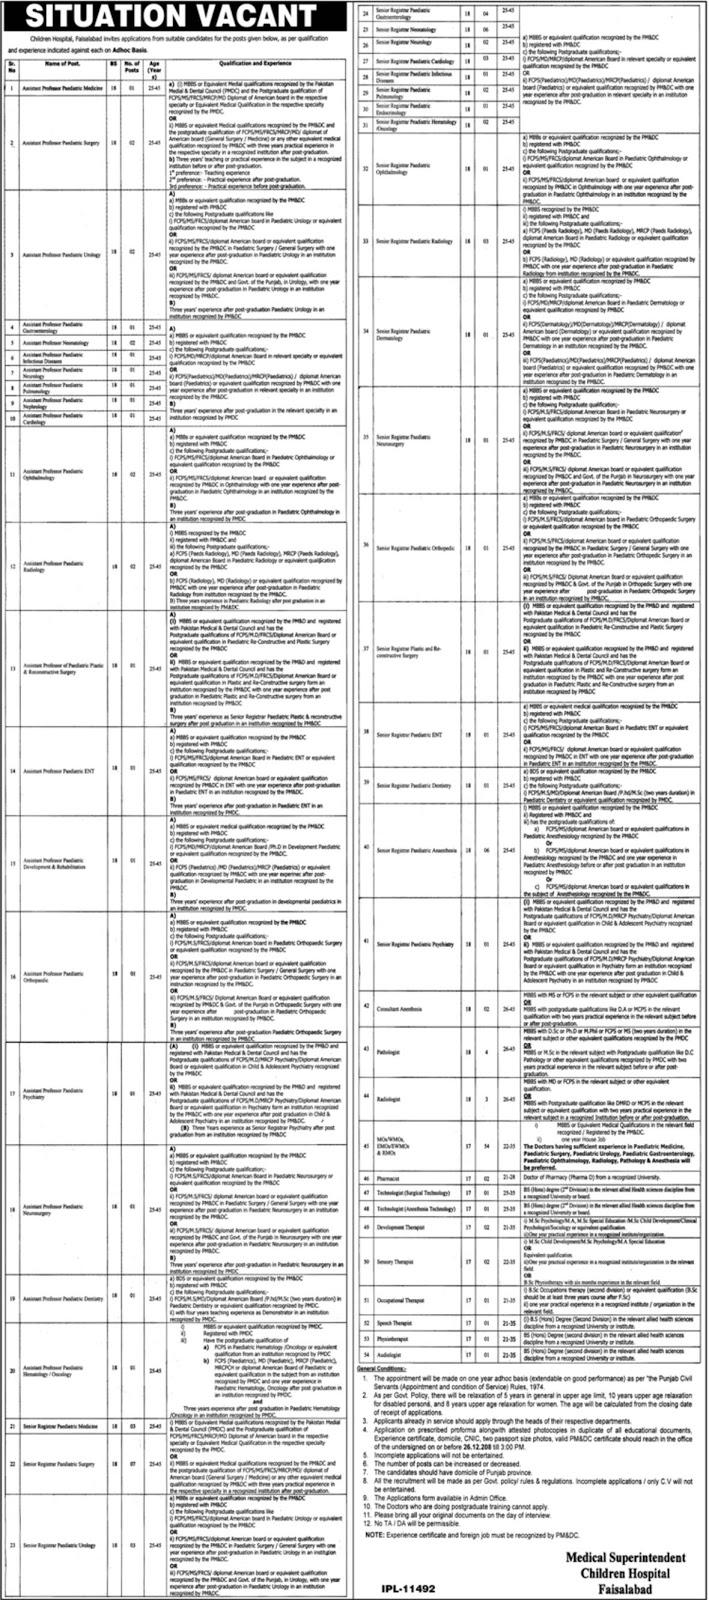 Doctors Jobs in Children Hospital Faisalabad Jobs 2018